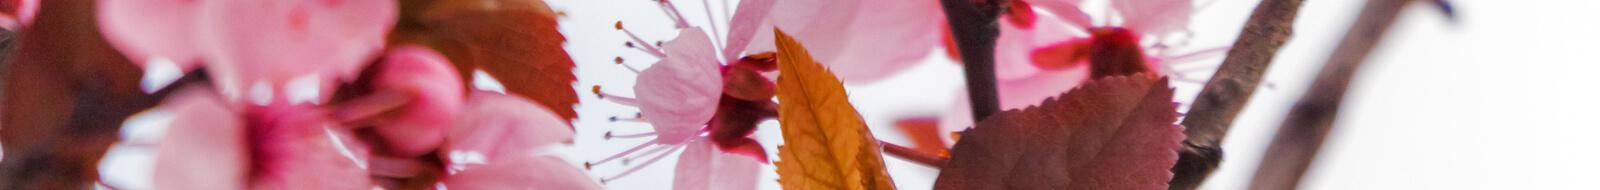 bloom blossom cherry blossom